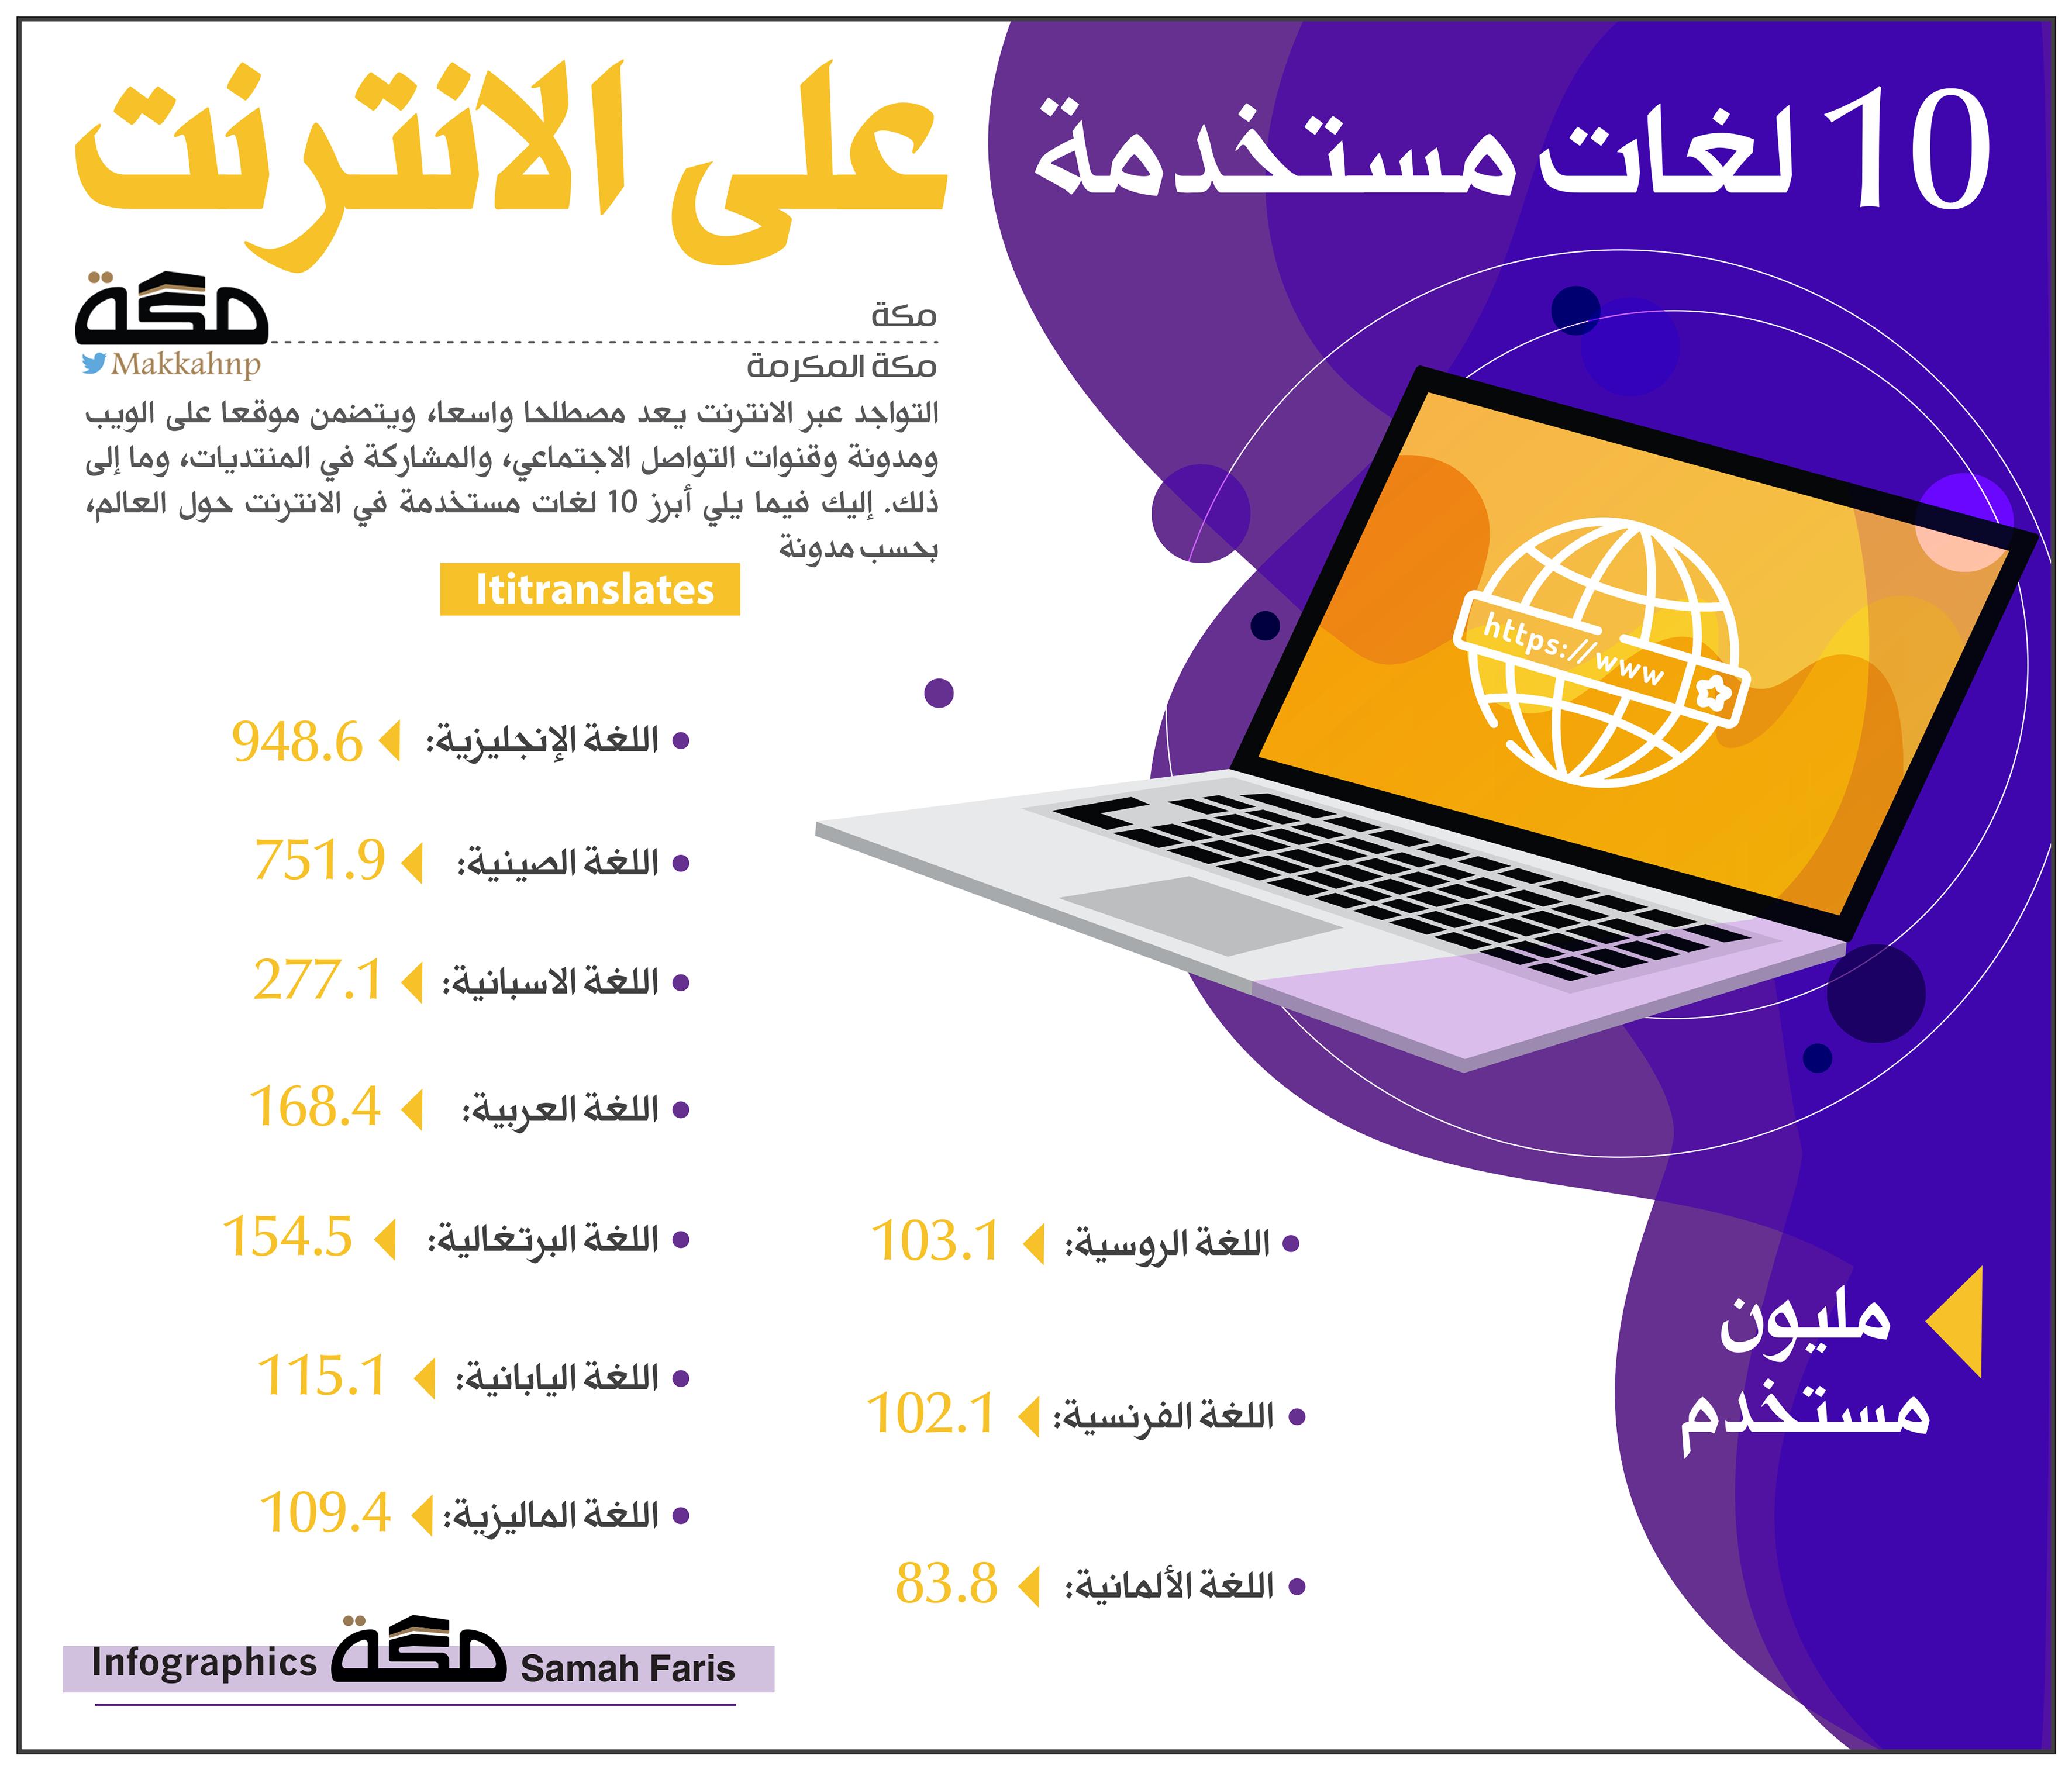 انفوجرافيك 10 لغات مستخدمة على الانترنت انفوجرافيك Graphic Infographic الانترنت صحيفة مكة Infographic Pie Chart Chart